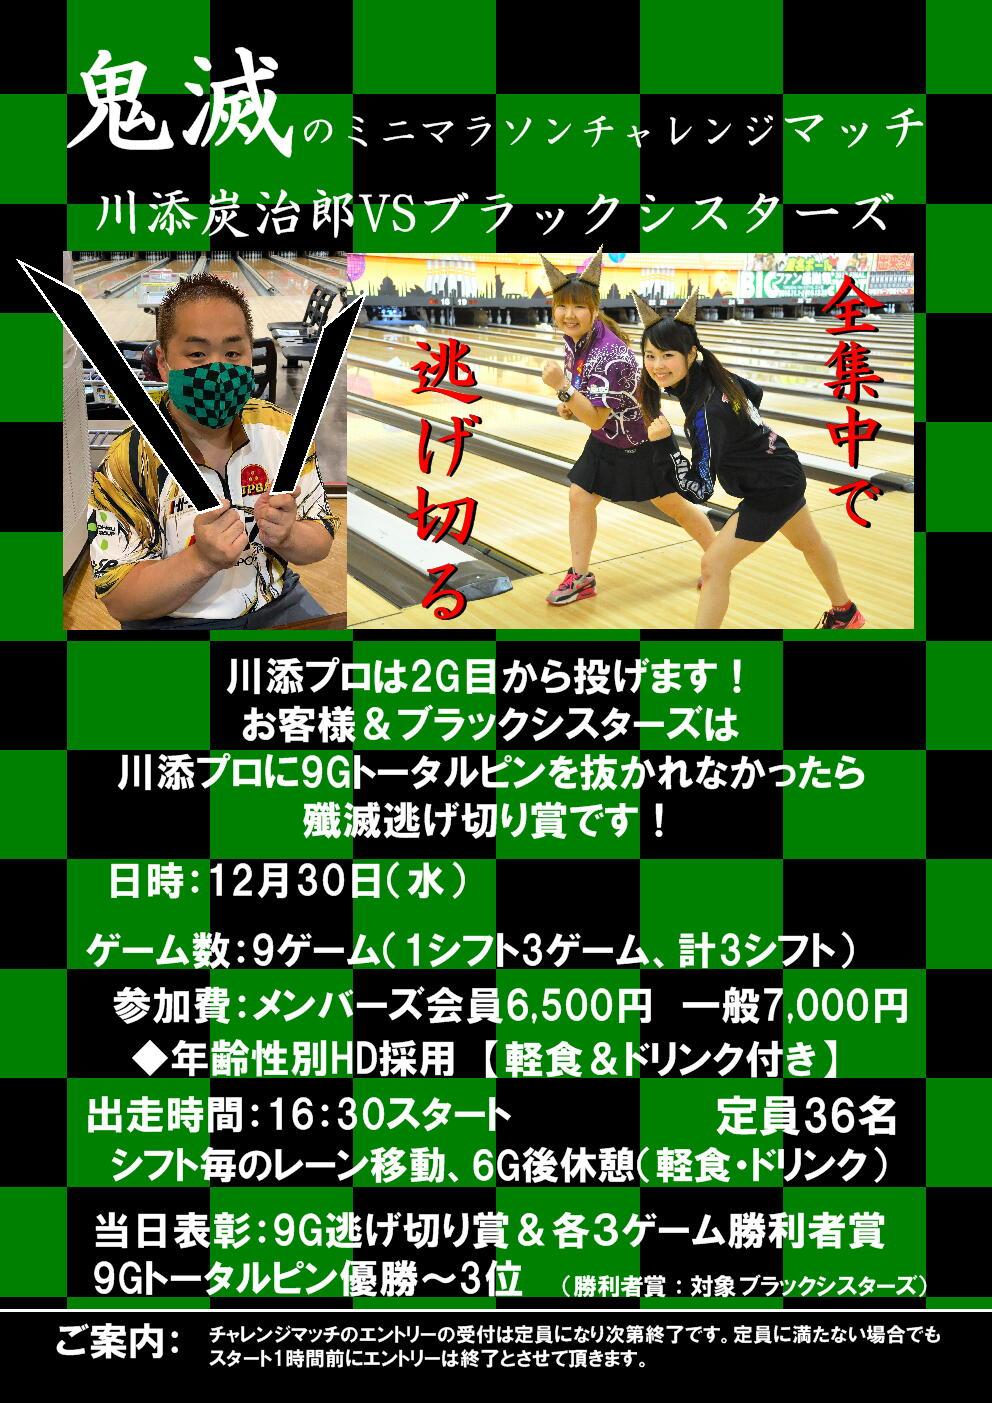 ★12月30日(水)鬼滅のミニマラソンチャレンジマッチ